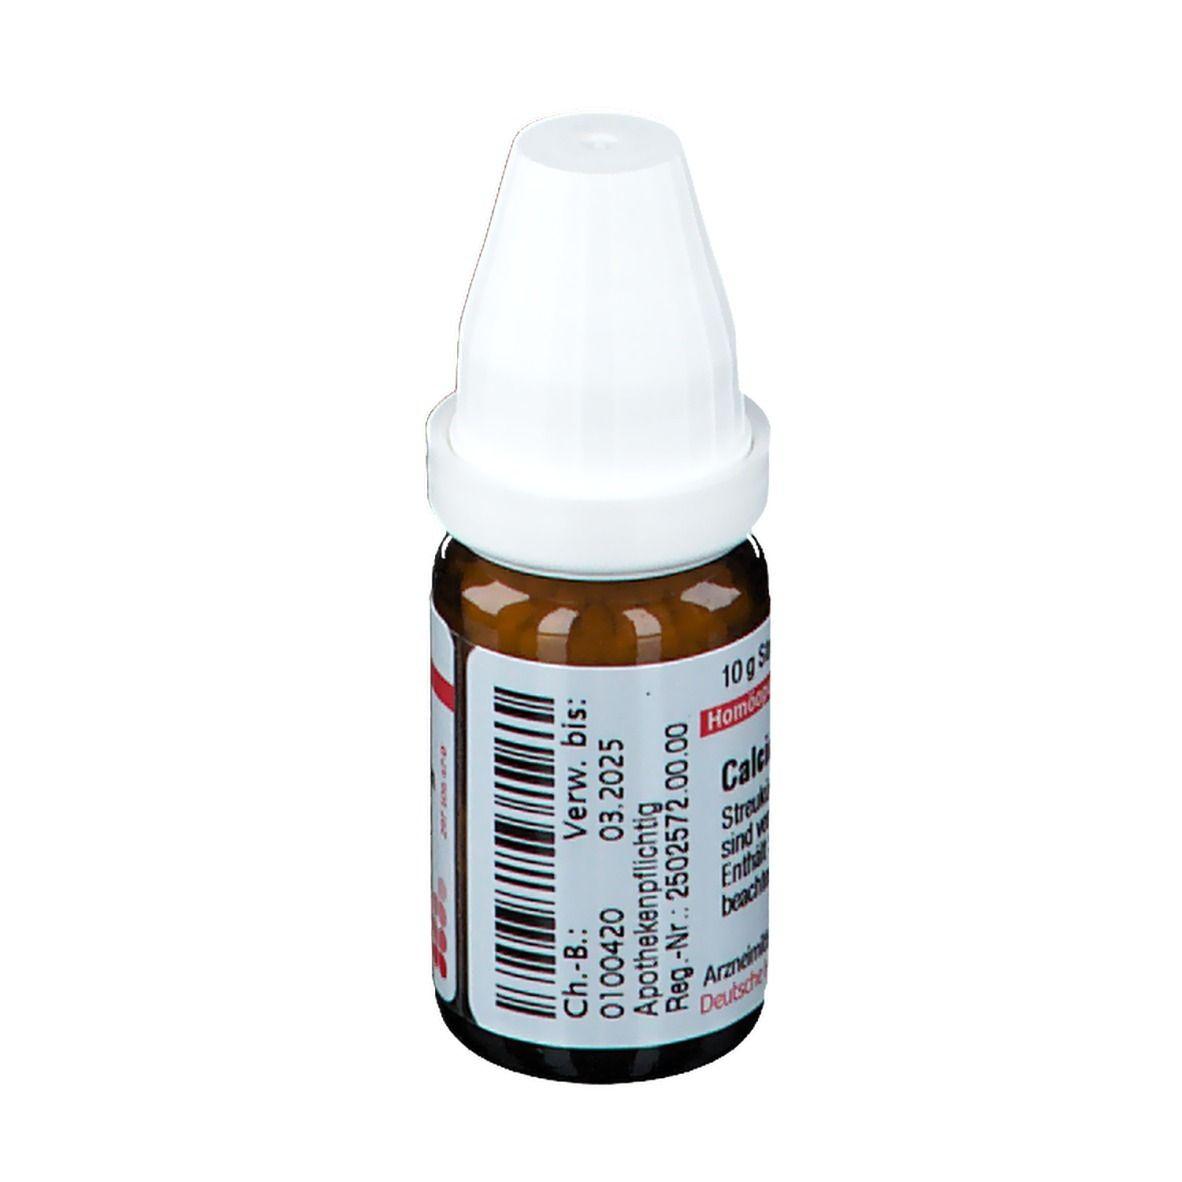 DHU Calcium Sulfuricum C200